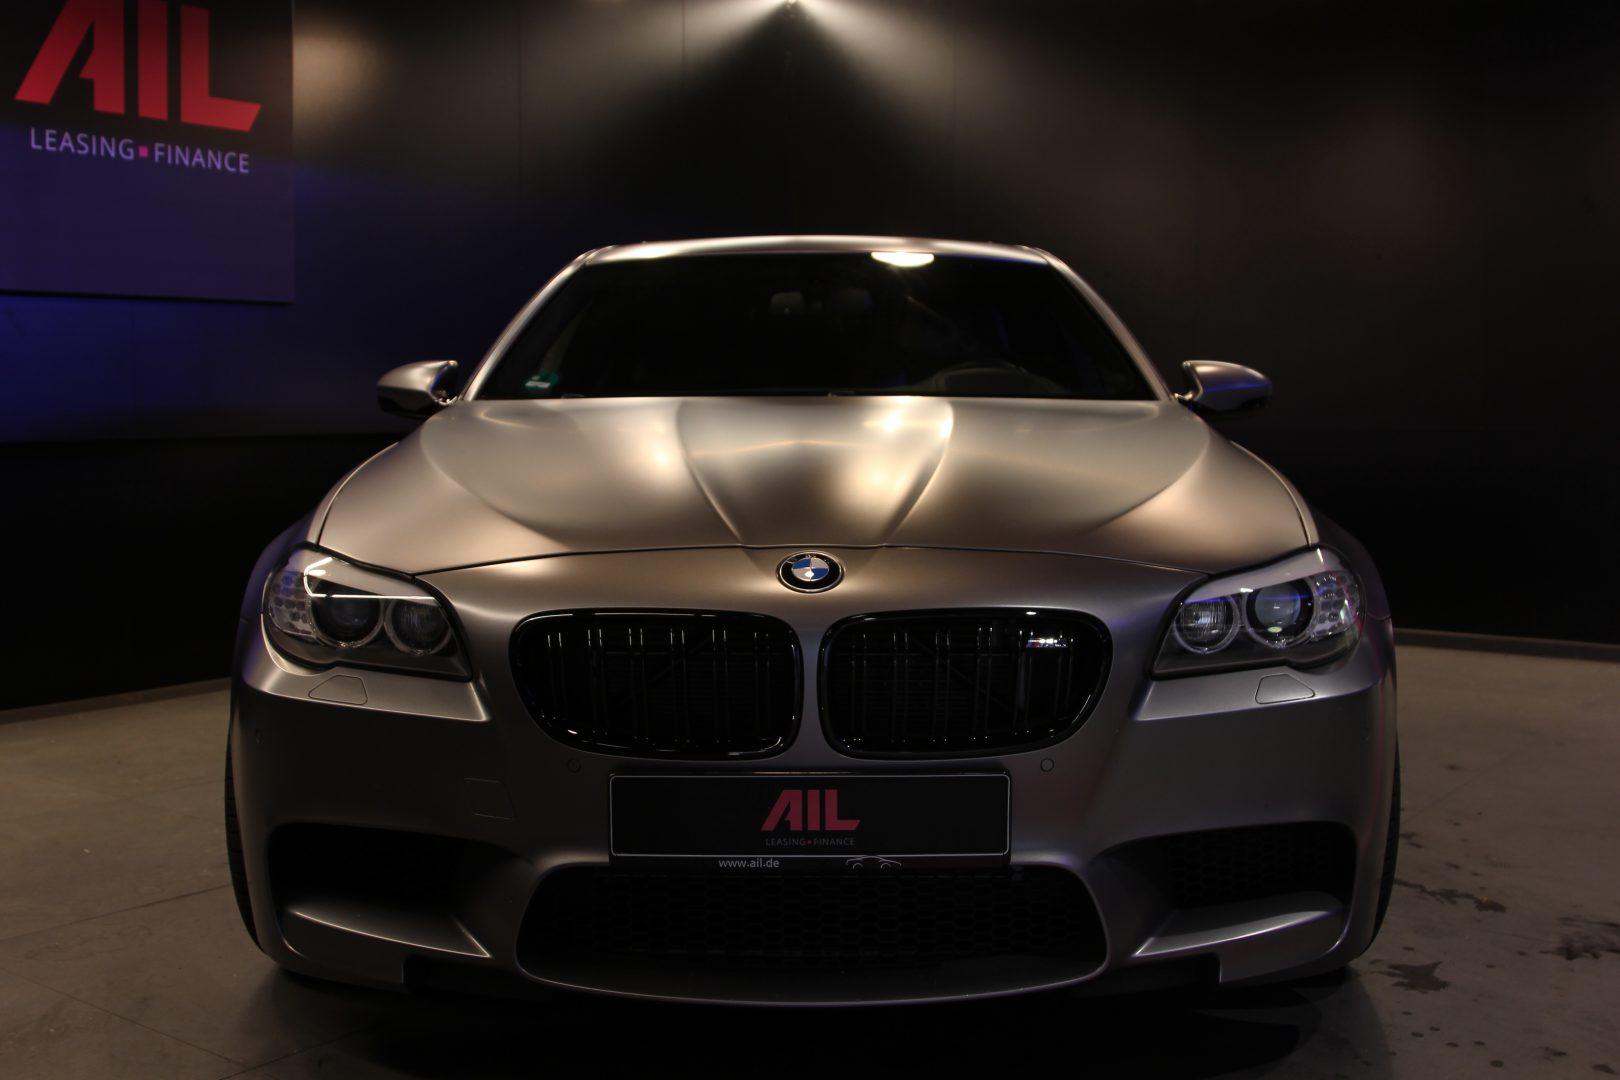 AIL BMW M5 9